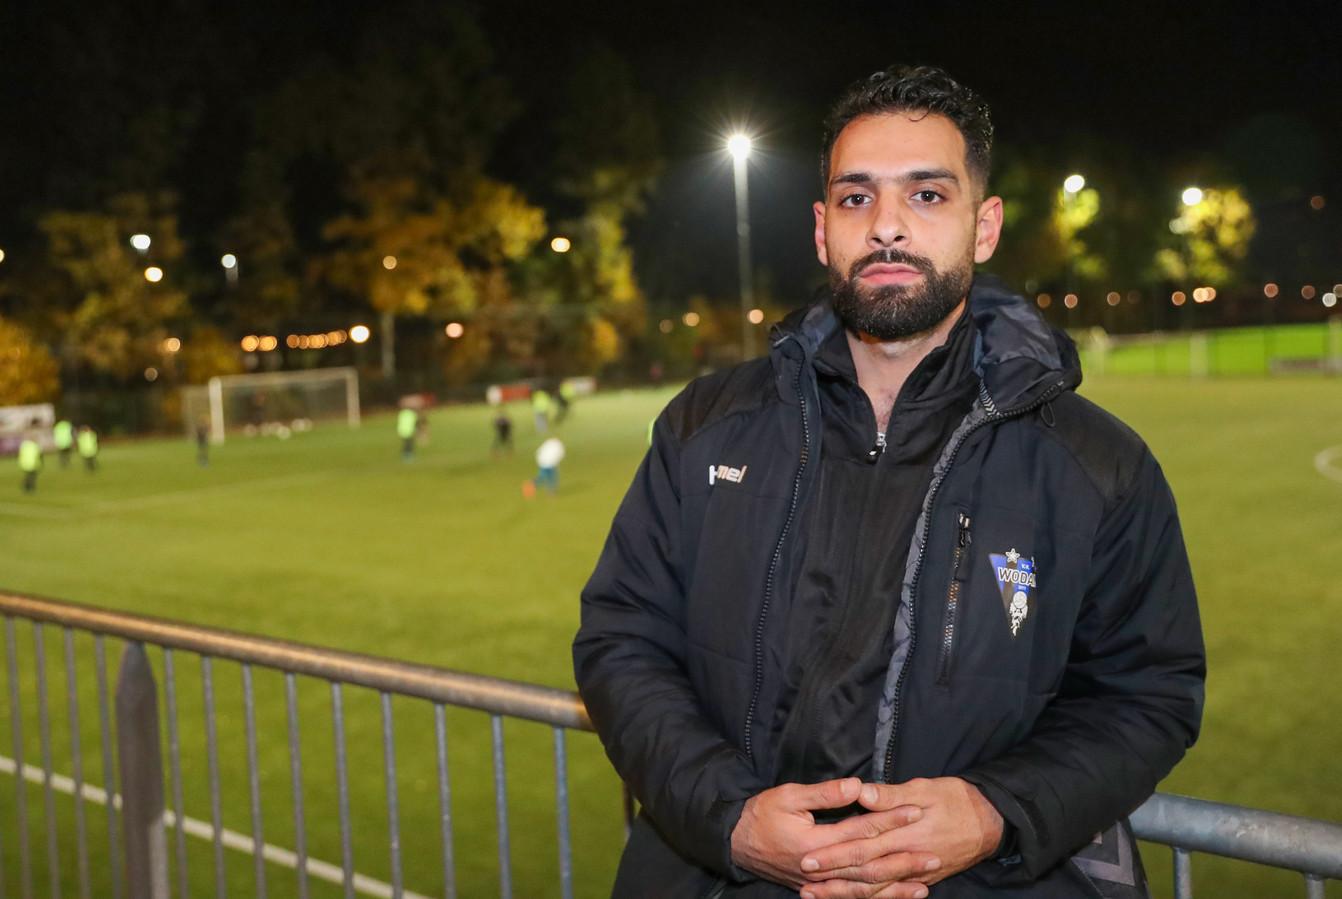 Kadir Kalender in het seizoen 2019-2020 als hoofdtrainer van Wodan.